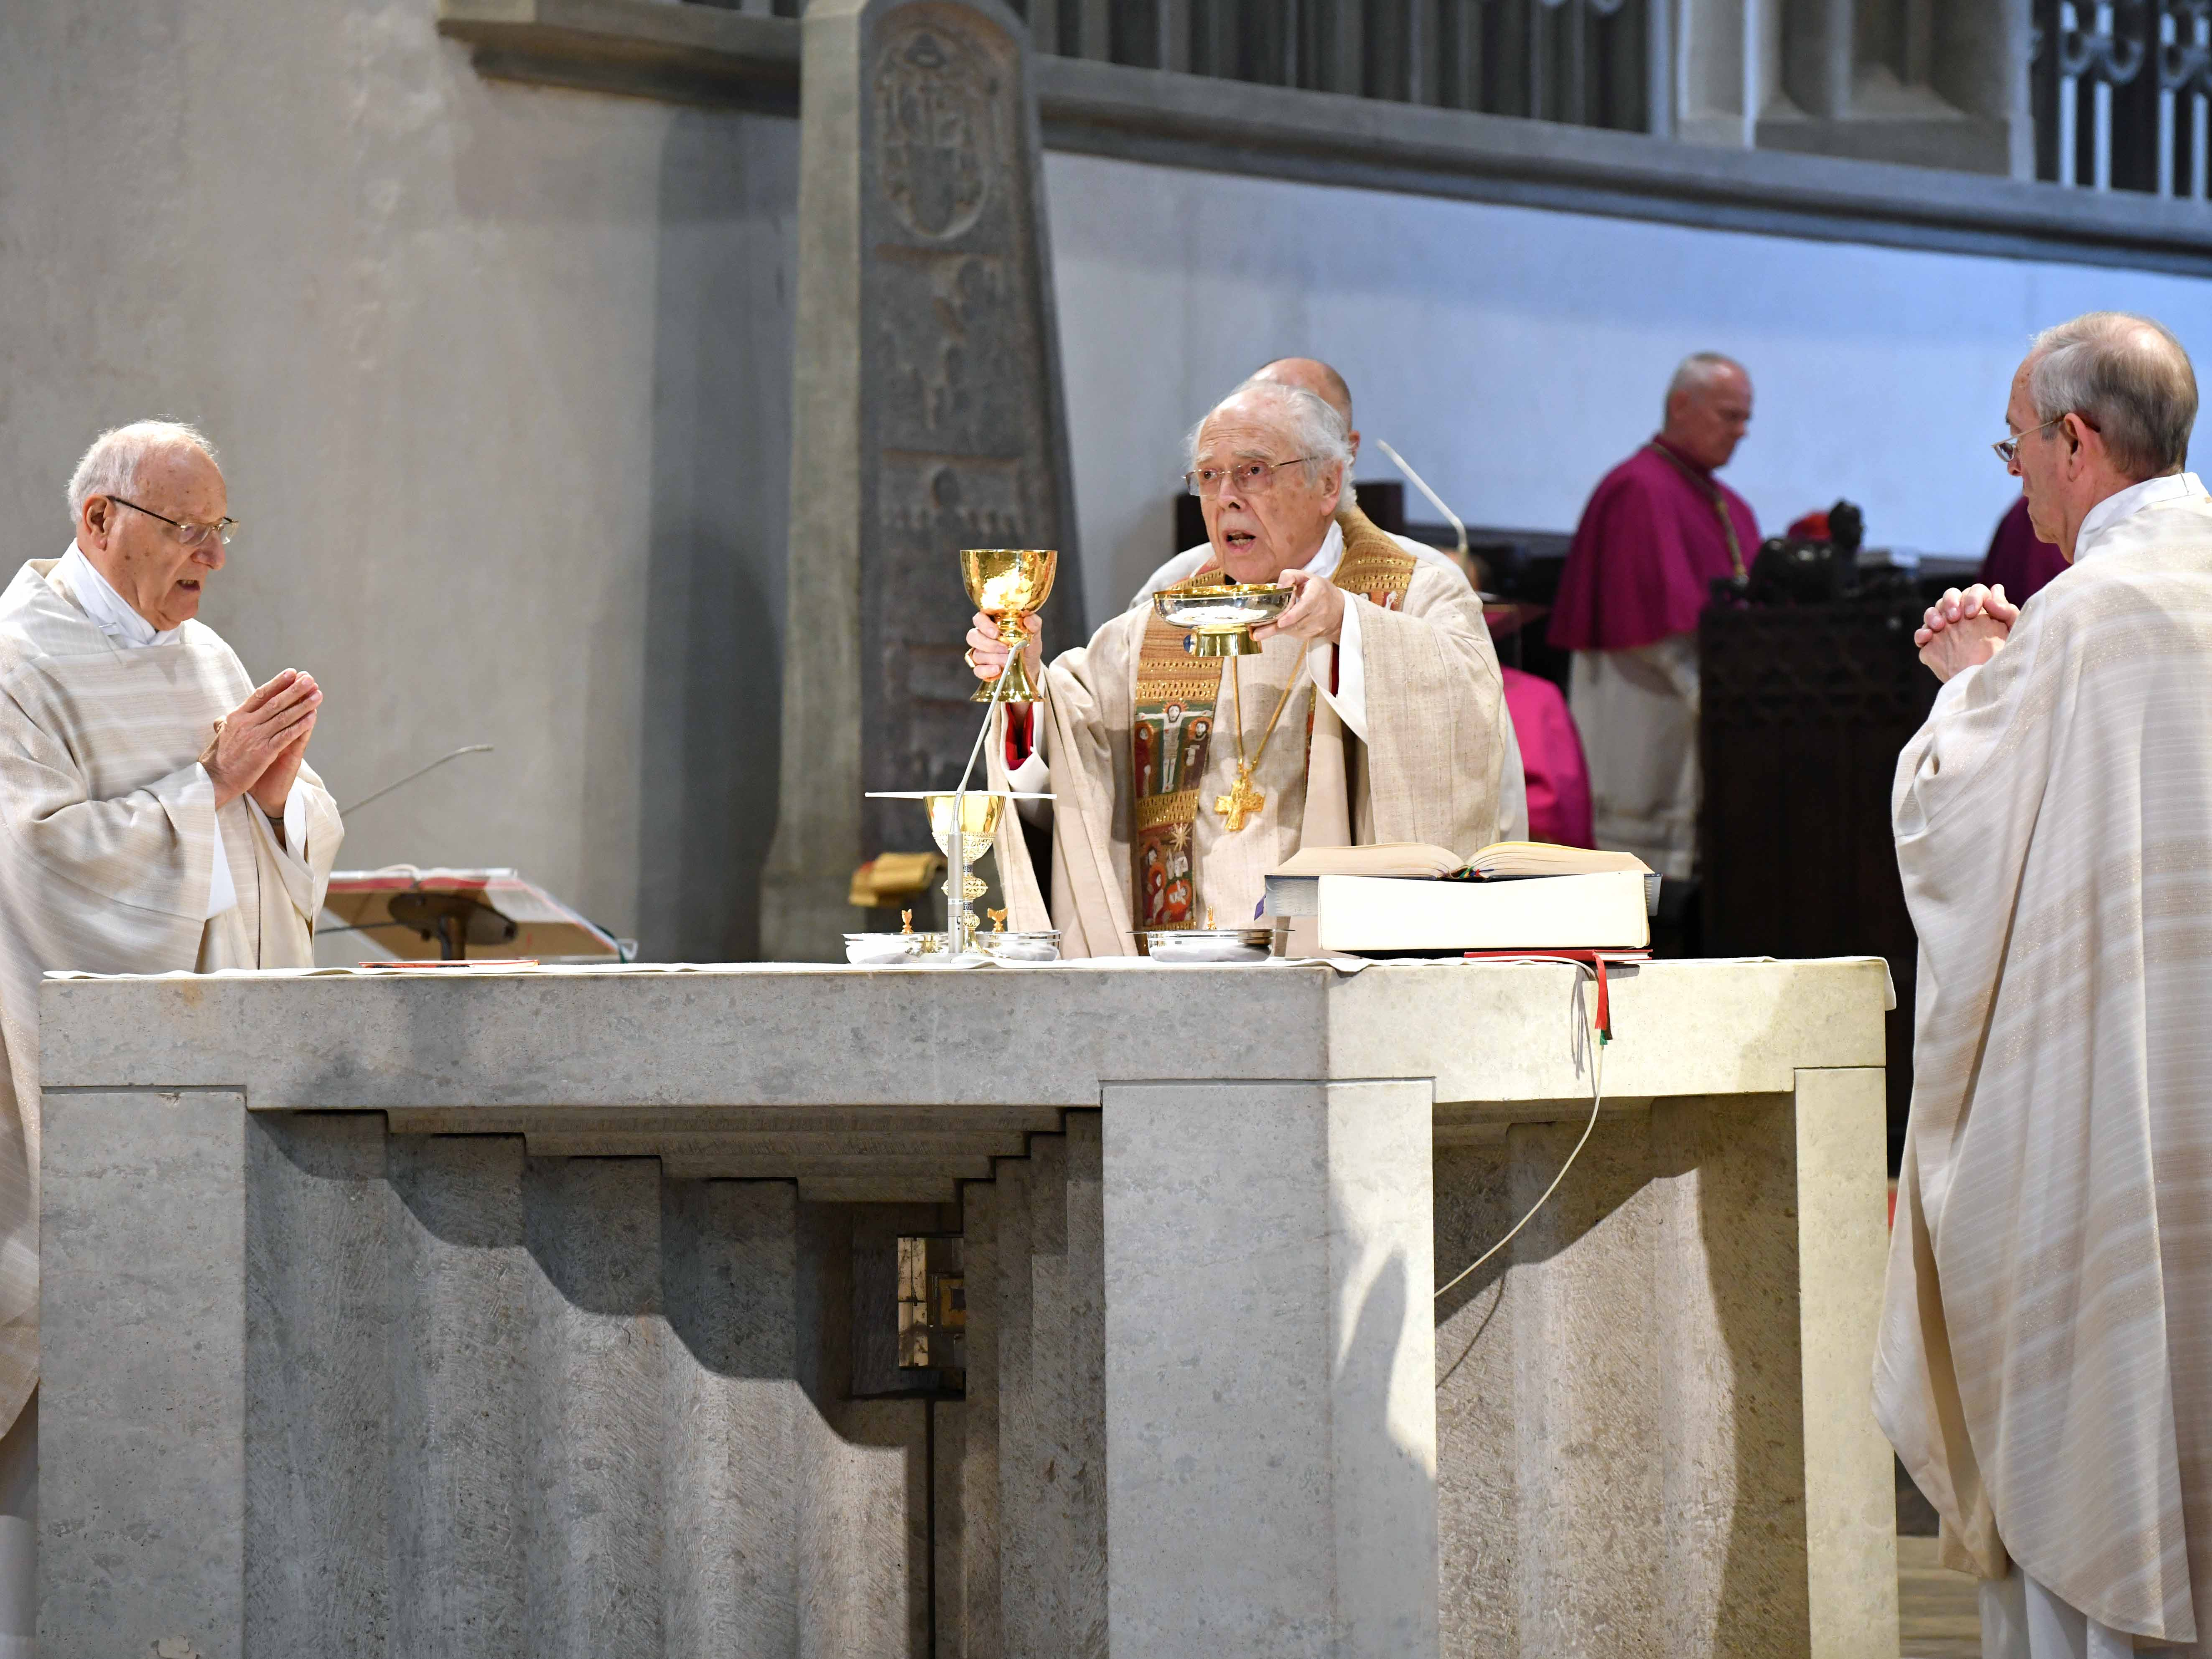 160 Jahre im priesterlichen Dienst: Weihbischof Grünwald zusammen mit den Konzelebranten Msgr. Franz-Reinhard Daffner und Prälat Karl-Heinz Zerrle. (Fotos: Nicolas Schnall / pba)